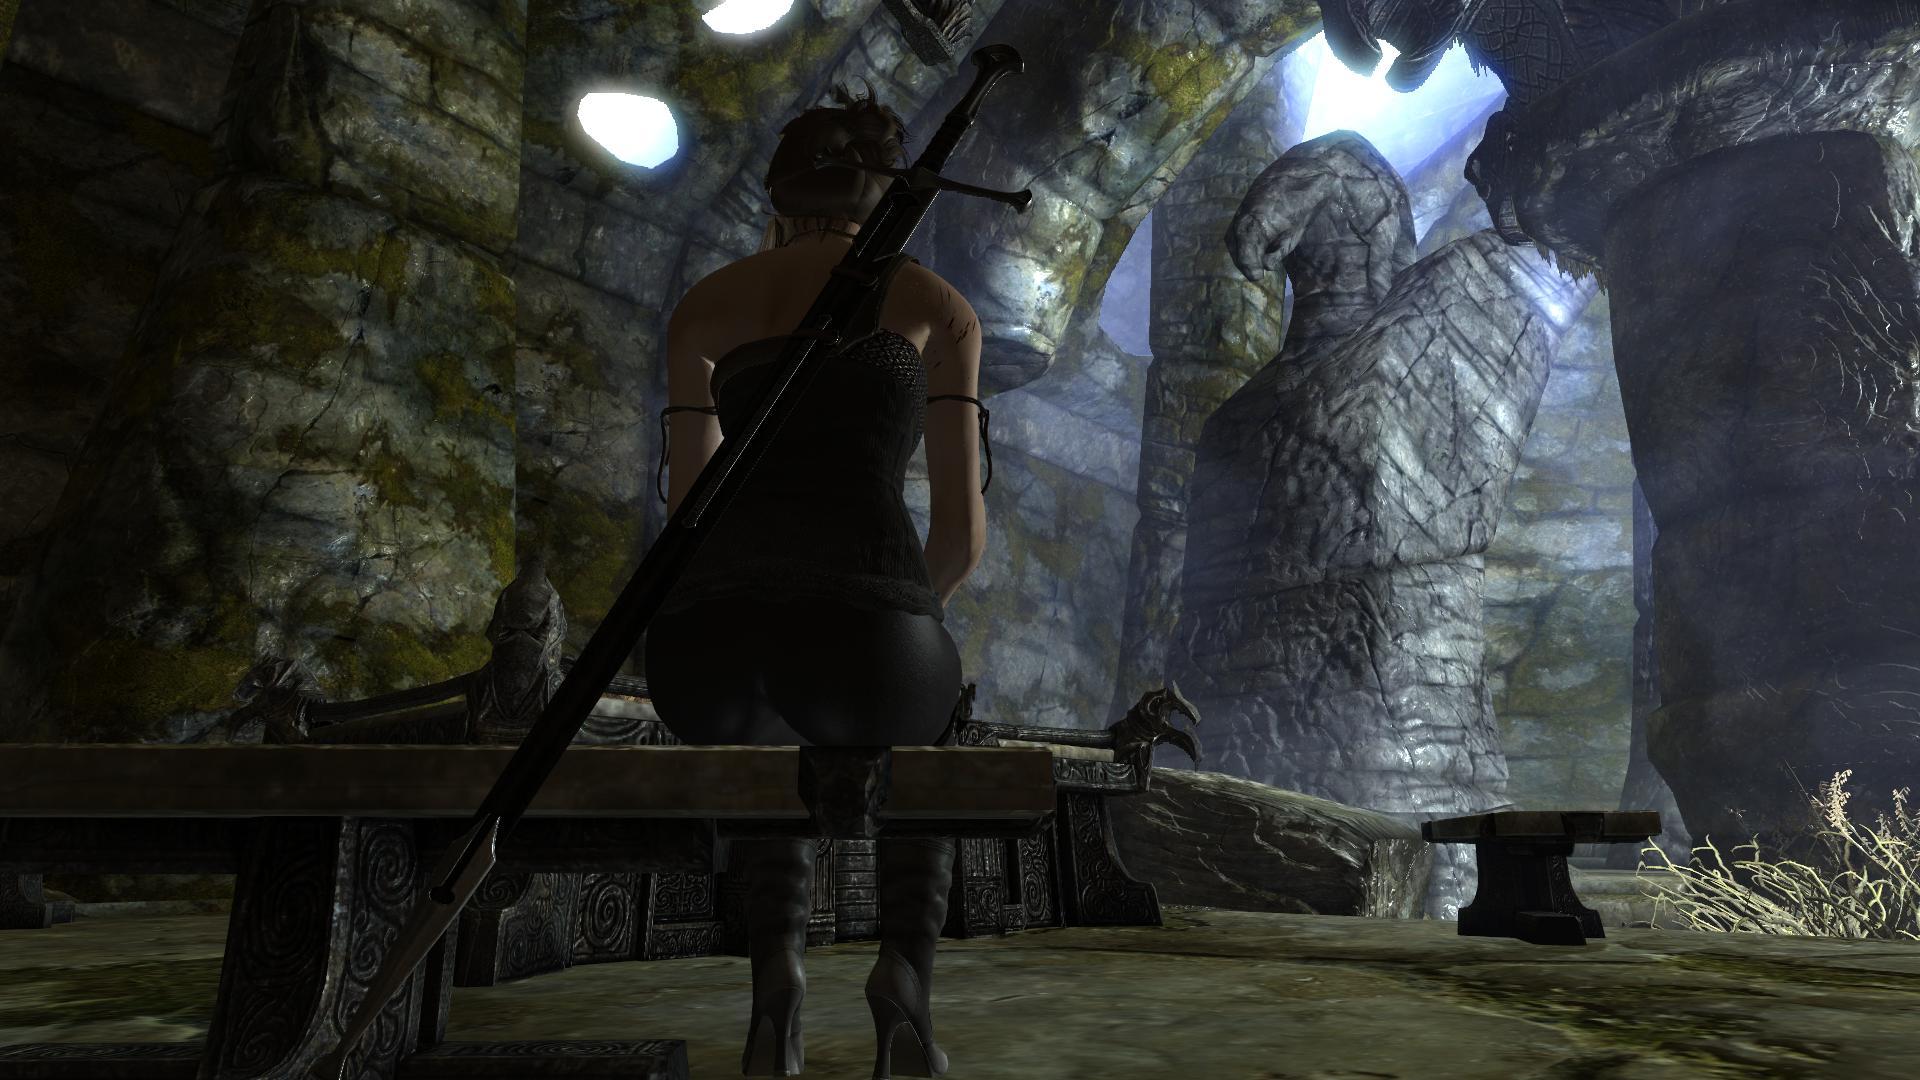 TESV_original 2014-01-10 19-26-23-10.jpg - Elder Scrolls 5: Skyrim, the